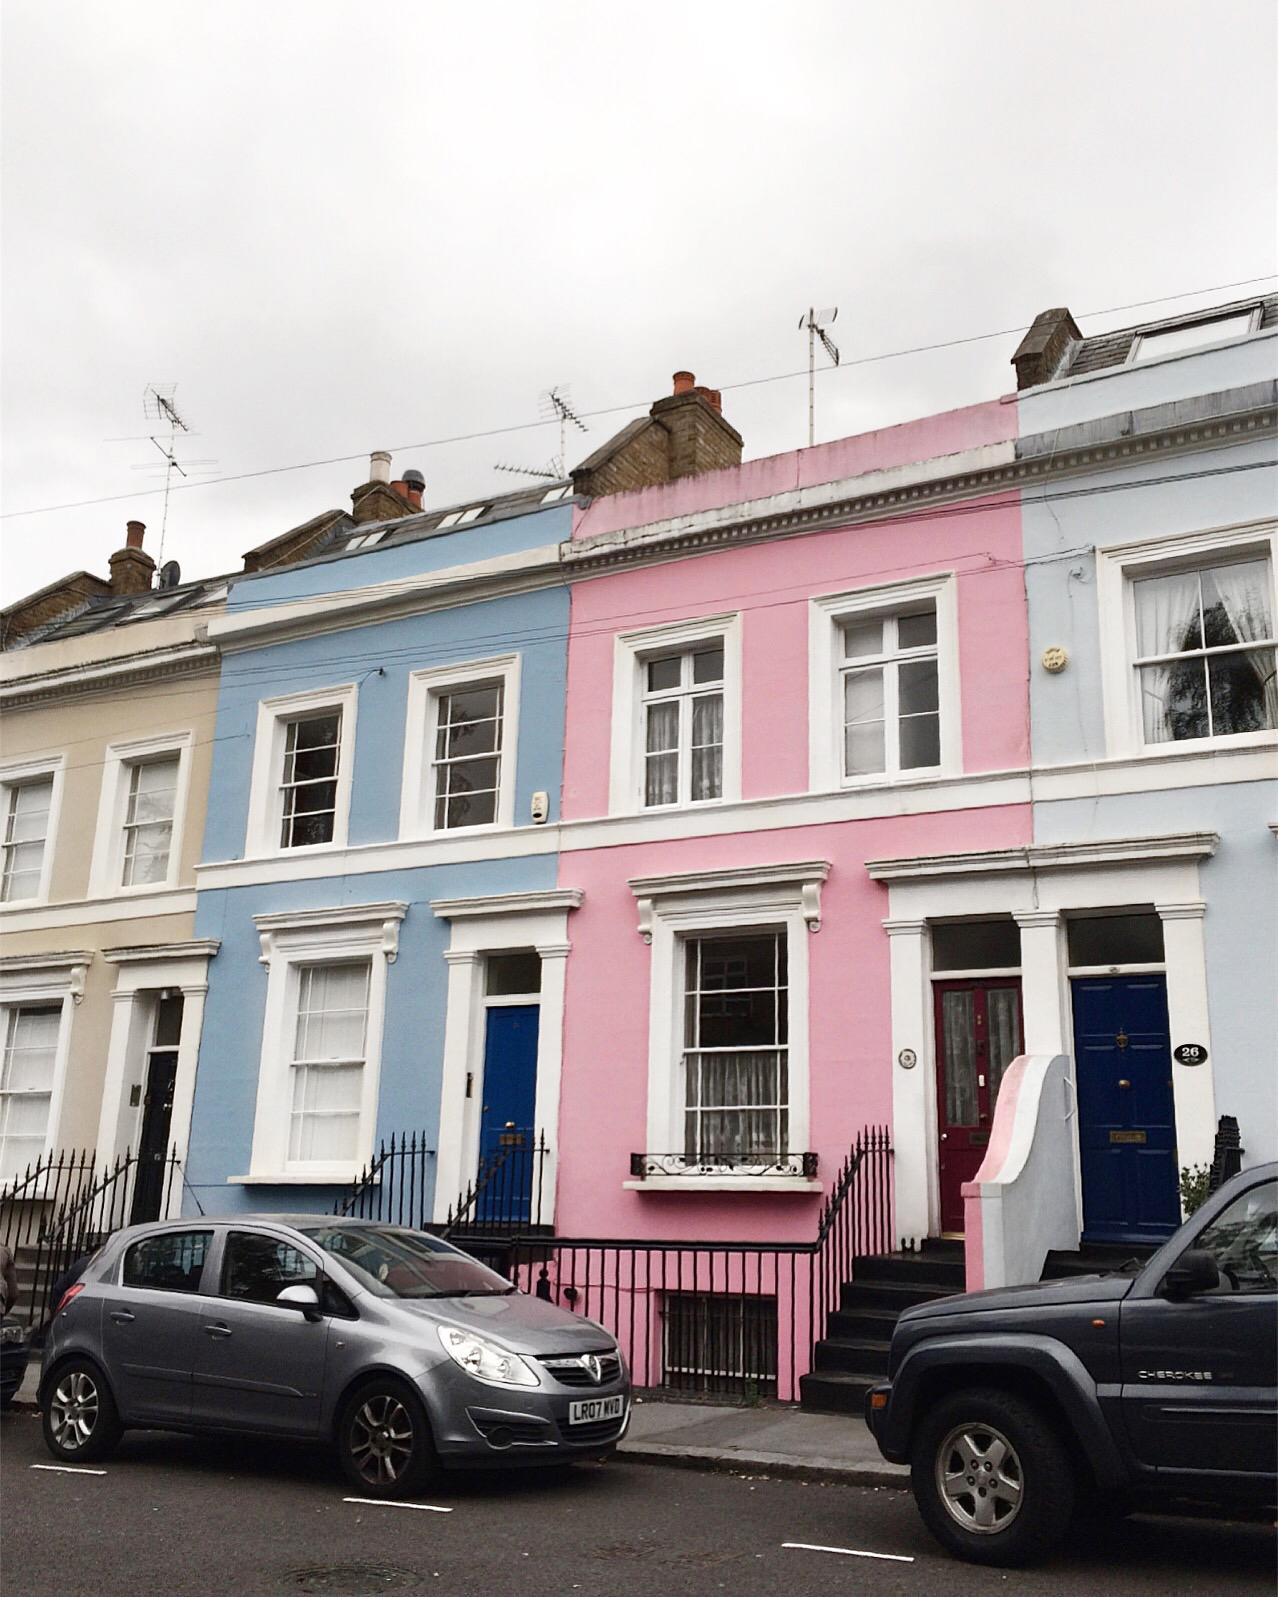 kolorowe domki, notting hill, londyn dzielnice, notthing hill londyn, domy notting hill